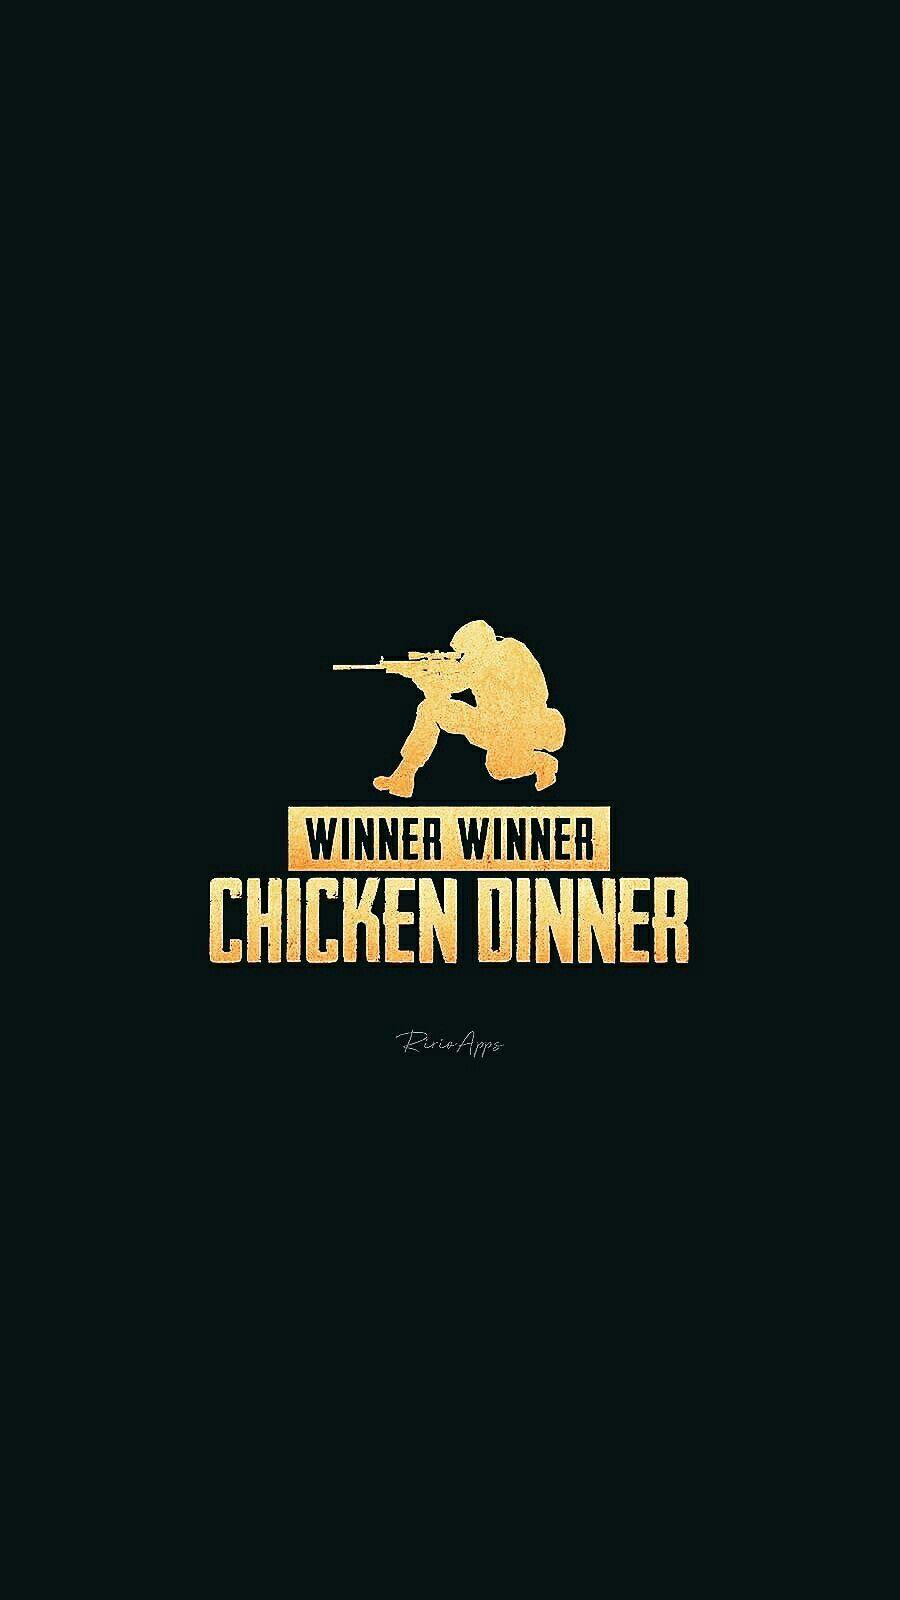 Pubg Wallpaper Winner Winner Chicken Dinner Wallpaper Ponsel Gambar Anime Sedih Chicken dinner pubg mobile wallpaper hd